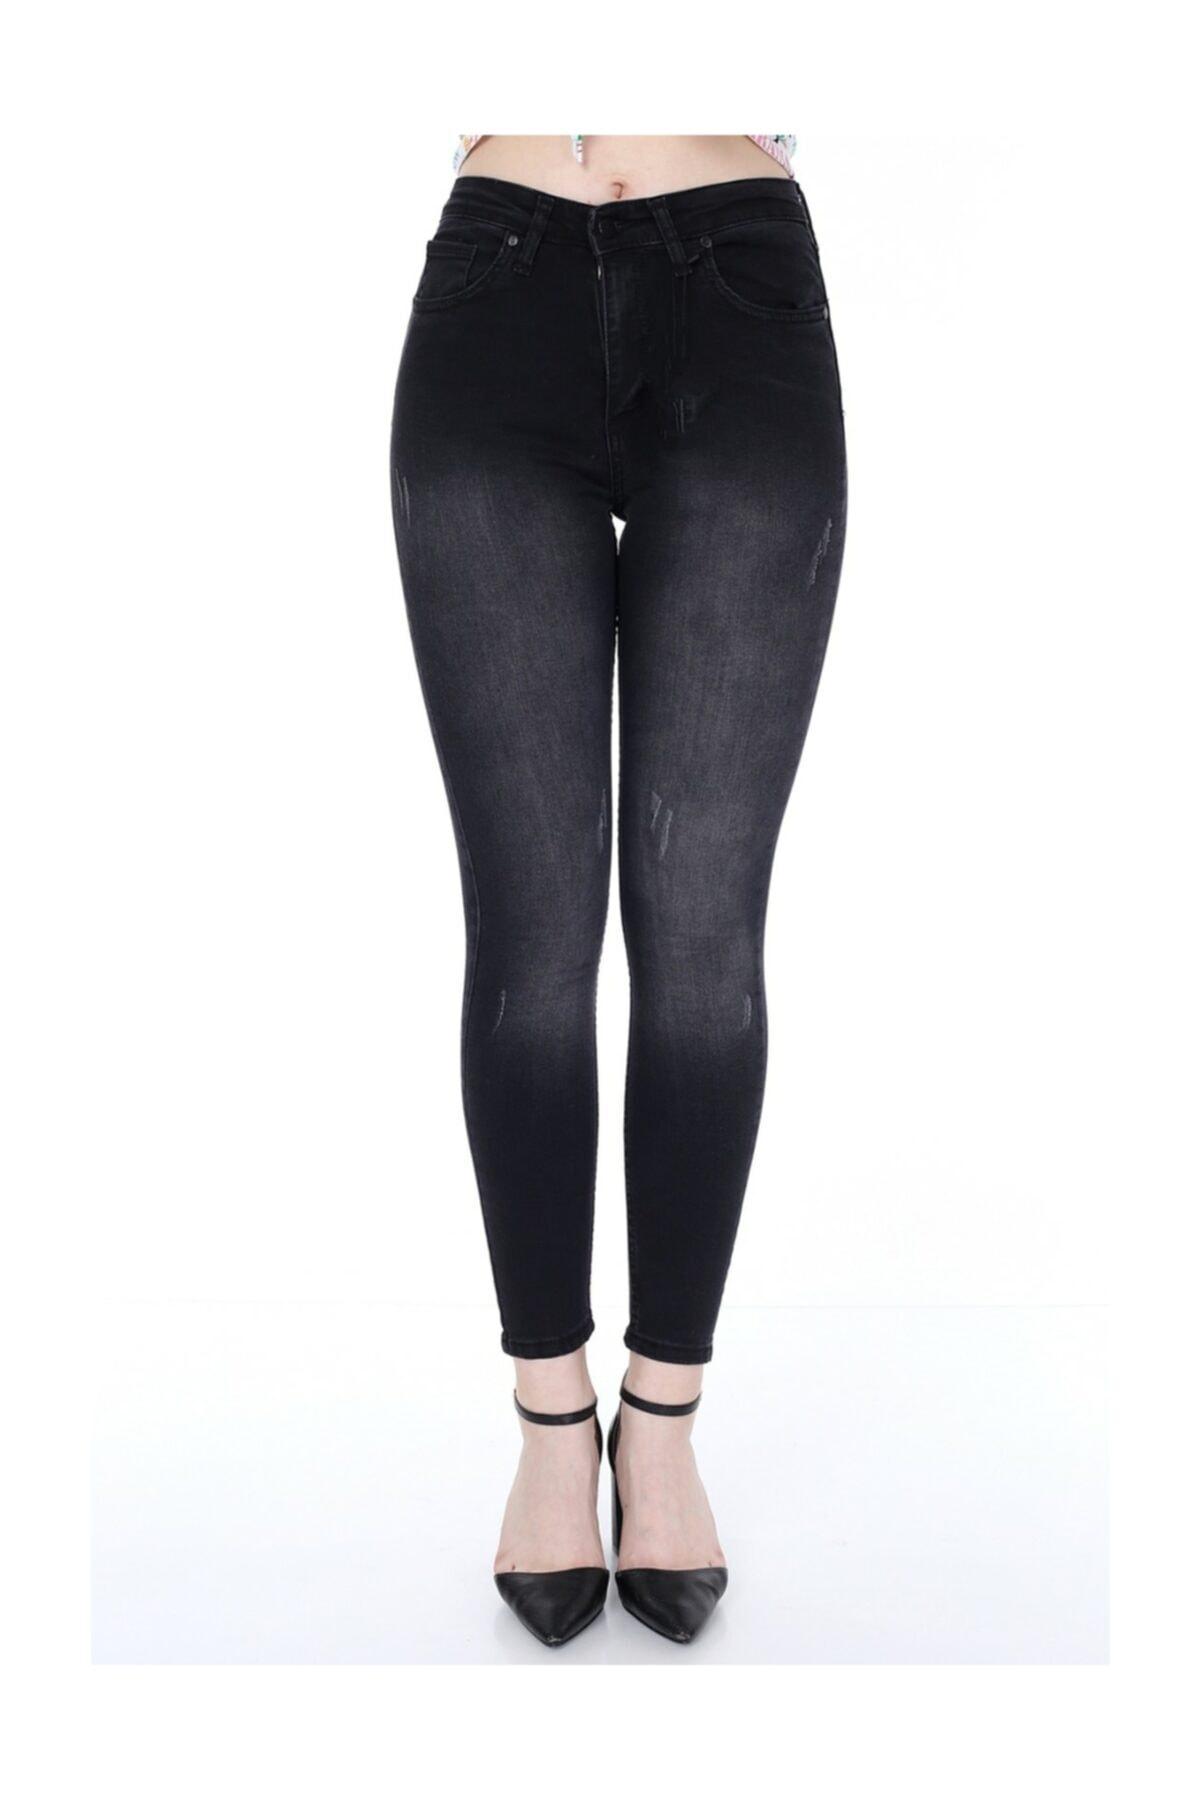 eGs Kadın  Kot Pantolon 1